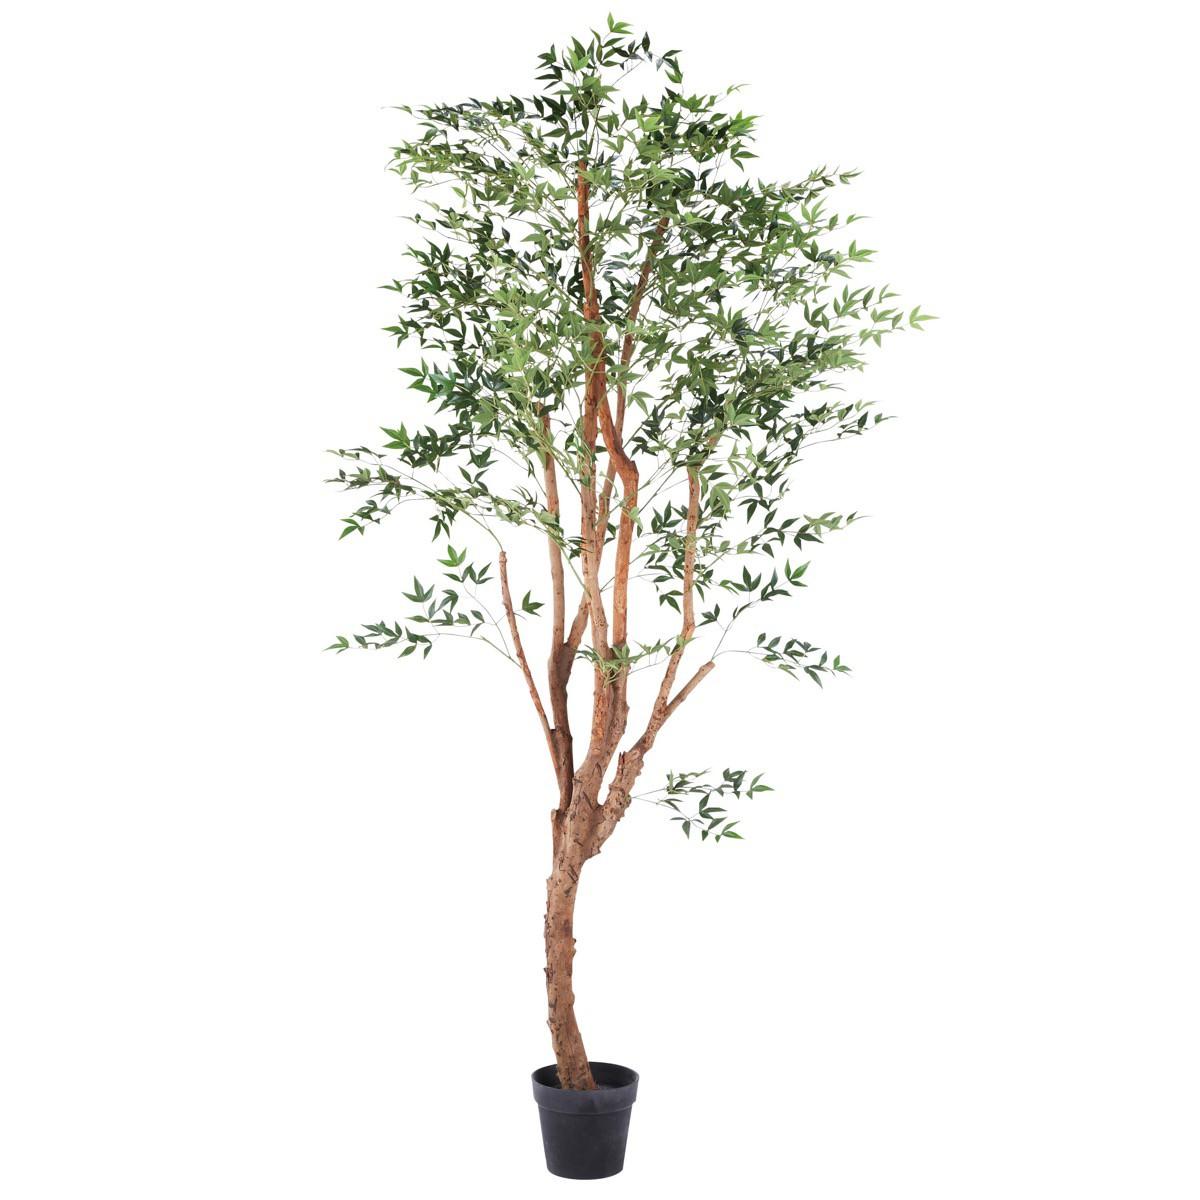 人工観葉植物 フェイクグリーン 観葉植物 造花 大型 グリーンリーフ 200cm インテリア おしゃれ フェイク グリーン CT触媒 消臭 抗菌 お祝い